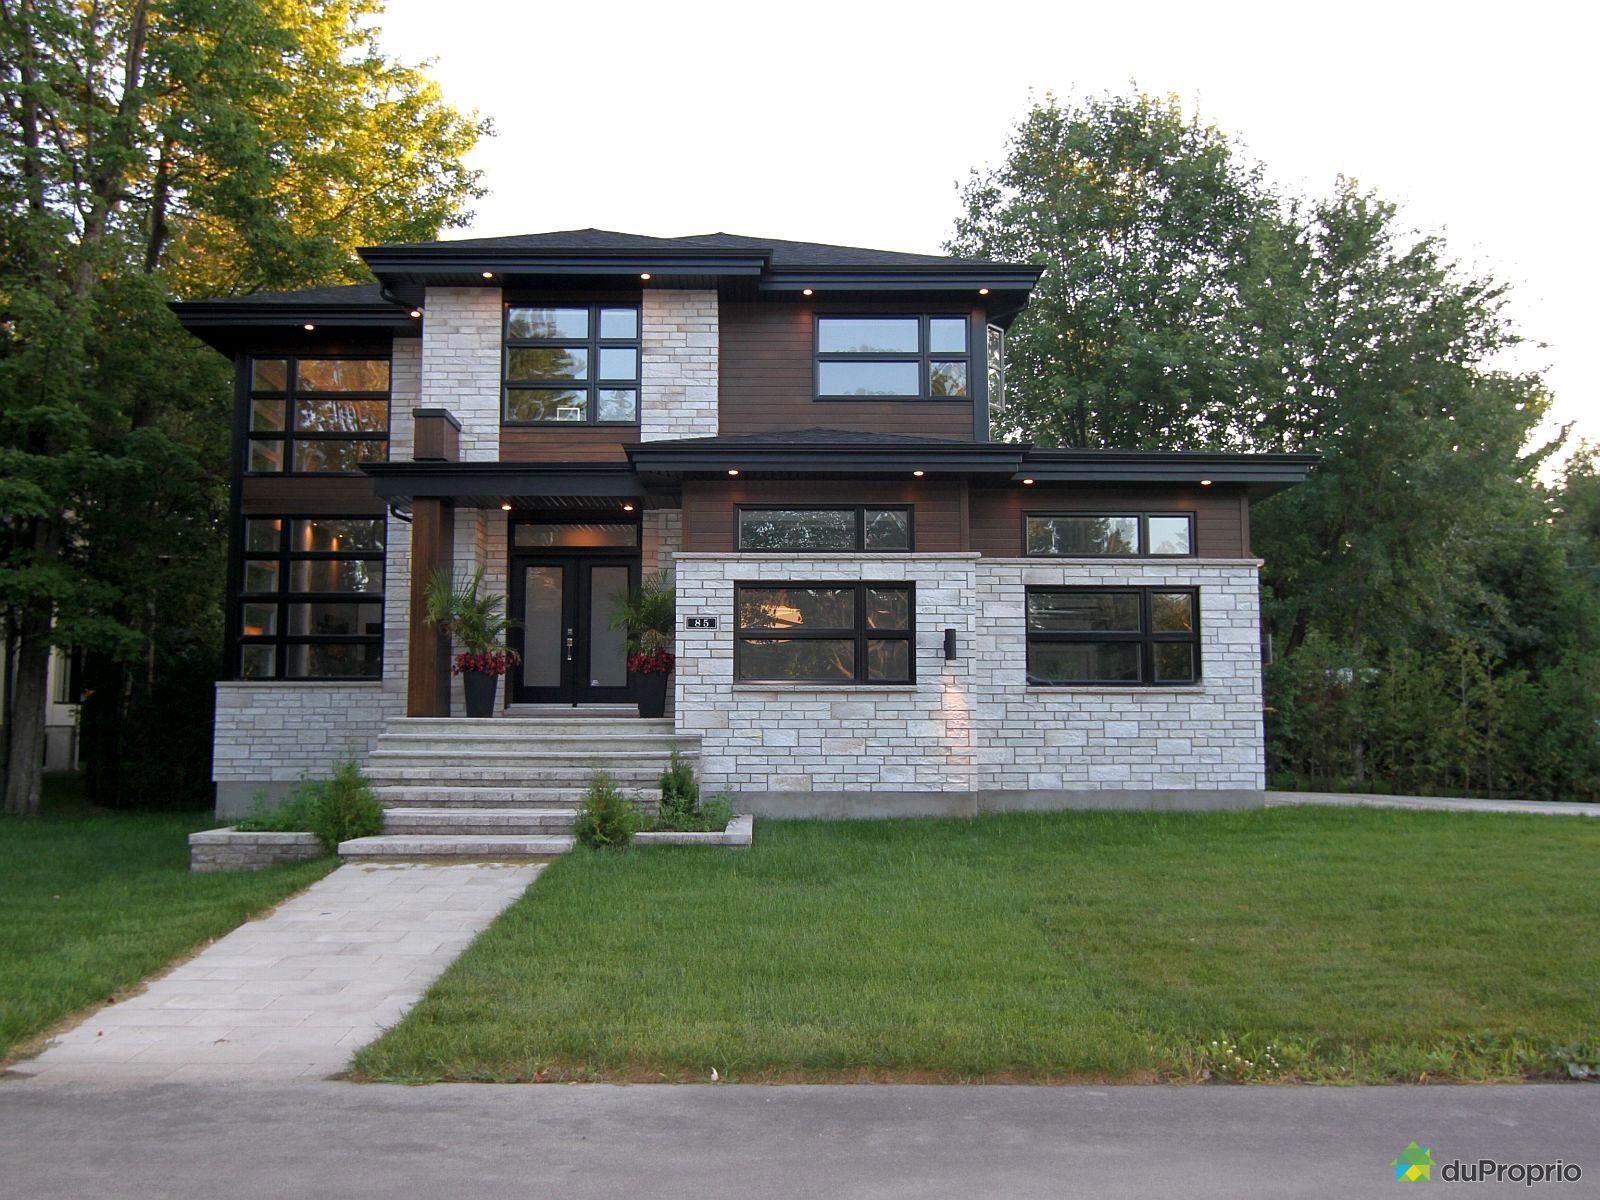 Maison moderne blainville avec des id es - Maison de ville moderne design klein ...